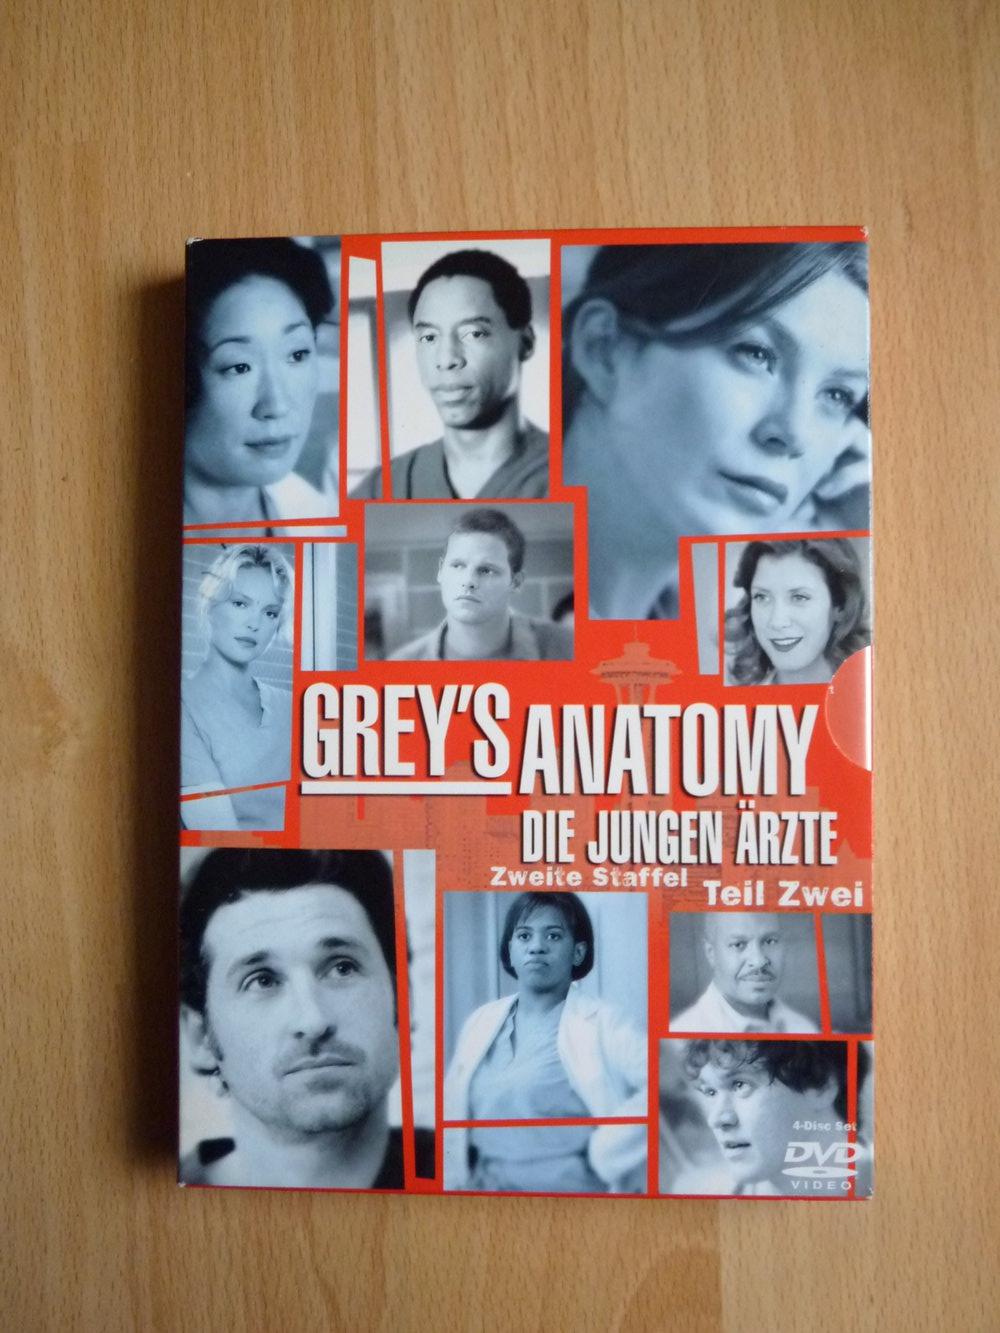 Grey's Anatomy Die Jungen Ärzte. Zweite Staffel Teil 2